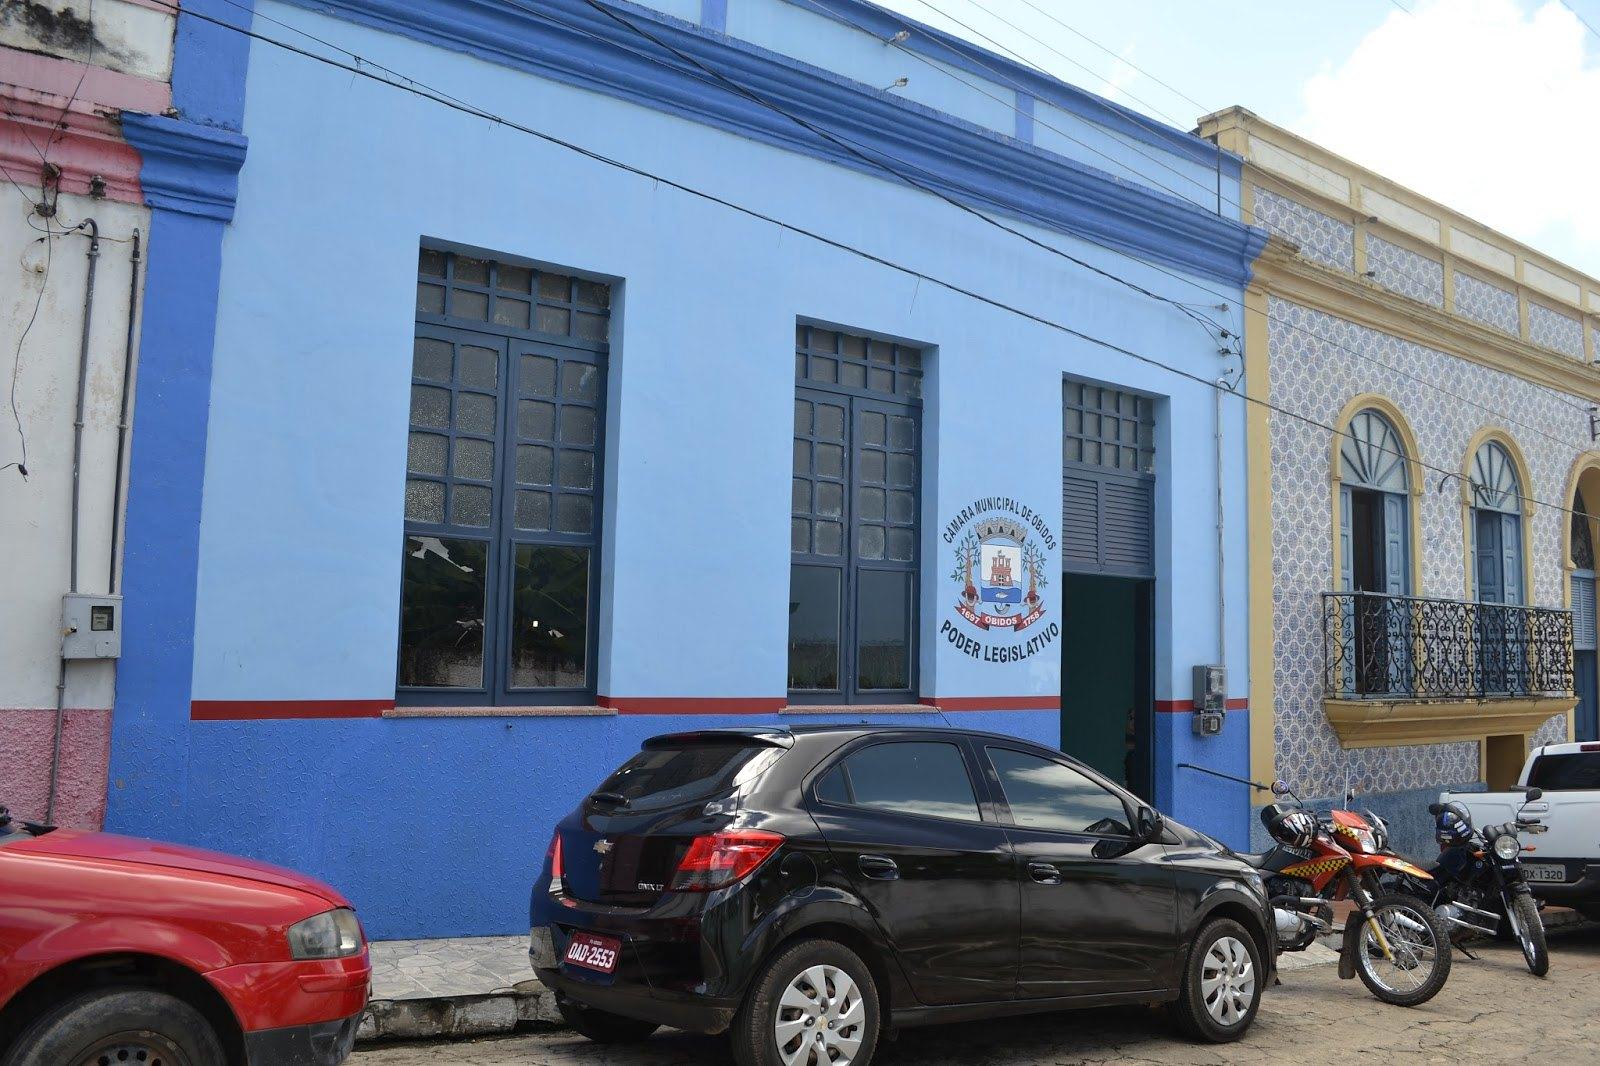 Diárias aumentaram 359% na gestão do vereador que volta a presidir a Câmara, Câmara de Vereadores de Óbidos